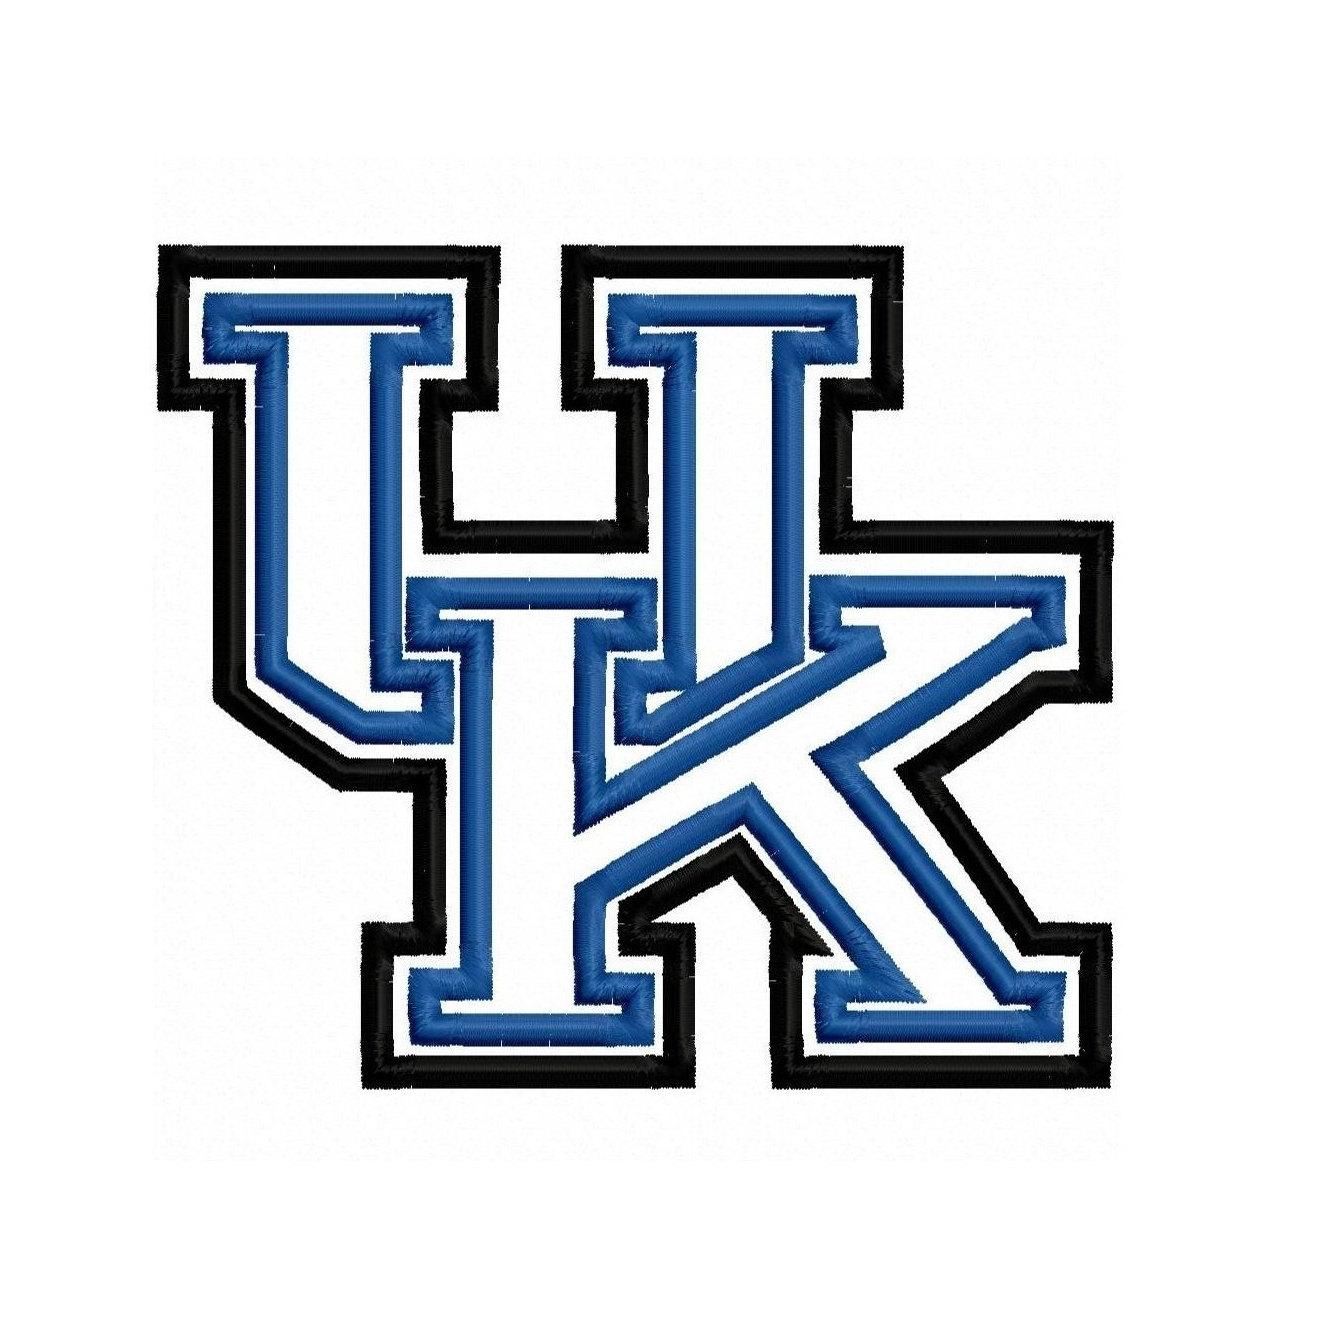 Wildcat clipart university kentucky Wildcats and Kentucky #bbn Logos